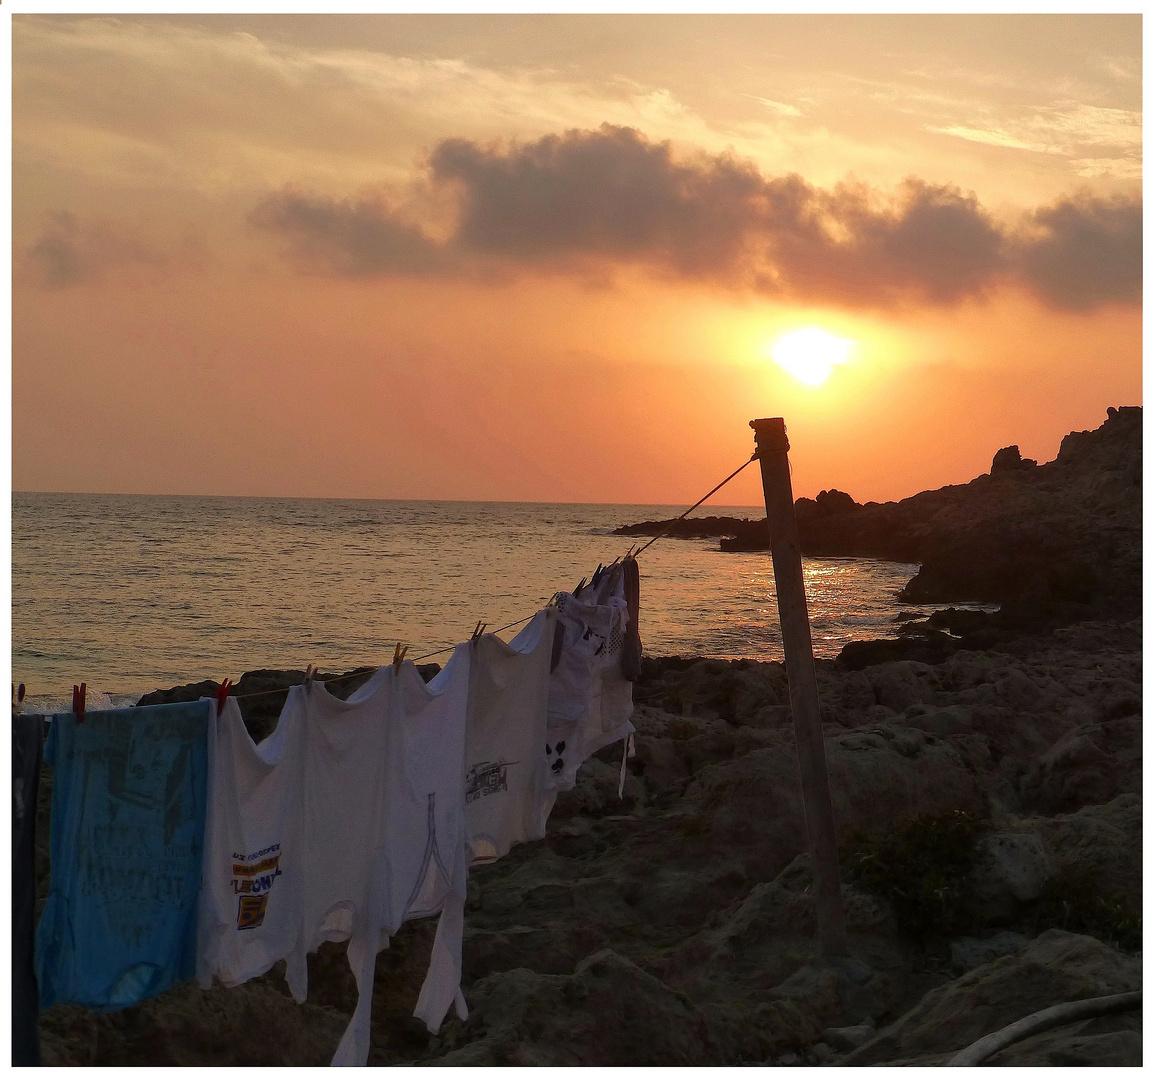 < Sonnenuntergang am Hafen von Lefkos >